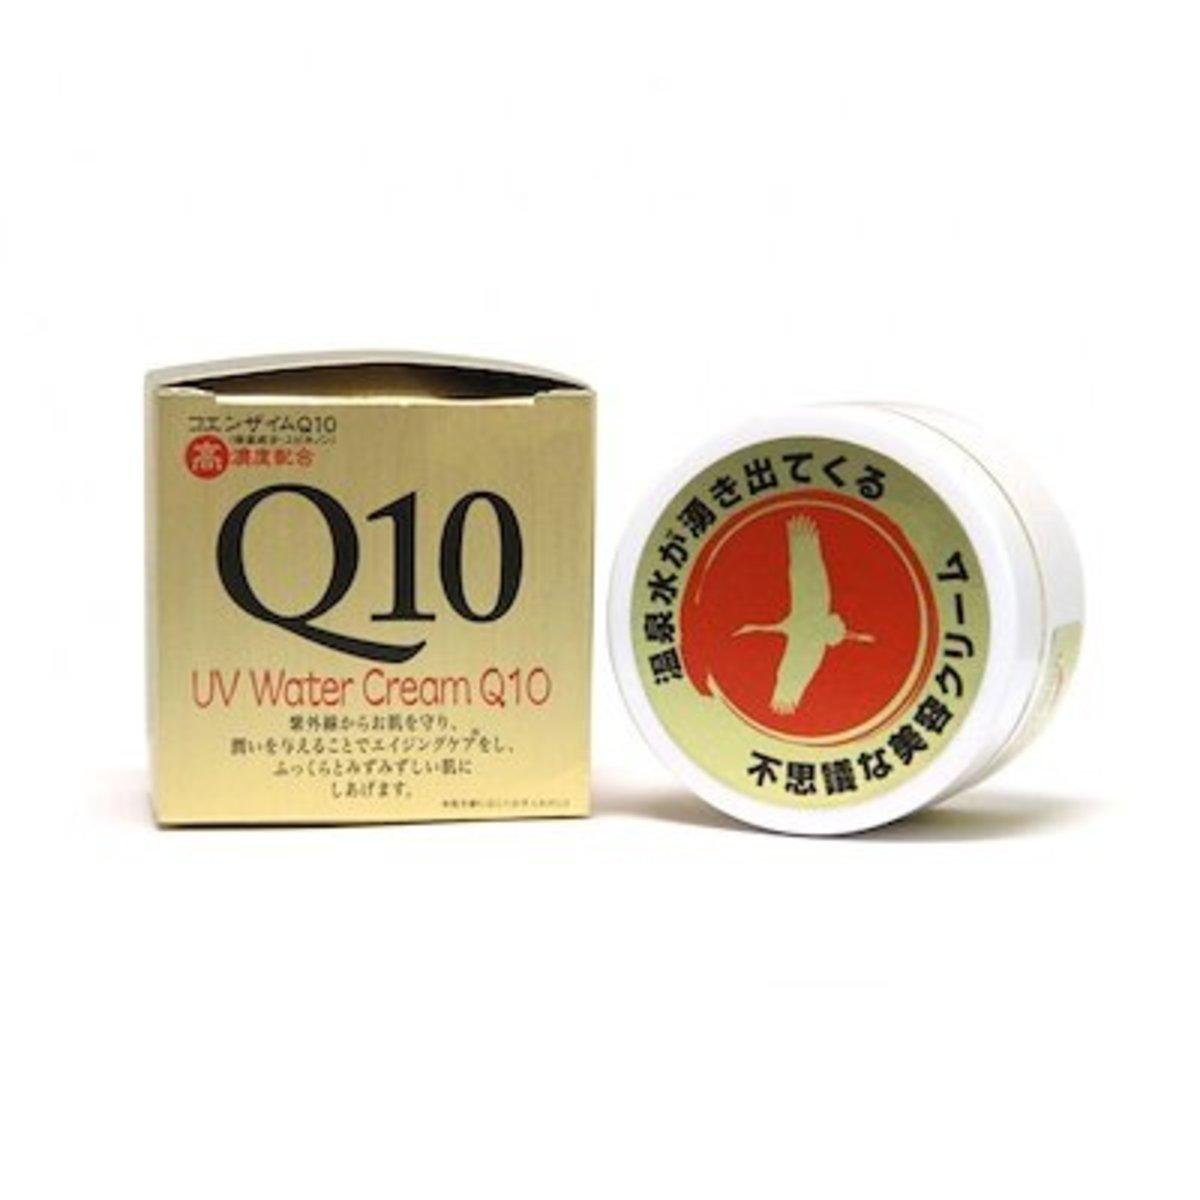 Hokkaido Q10 UV Water Cream 80g   (130)